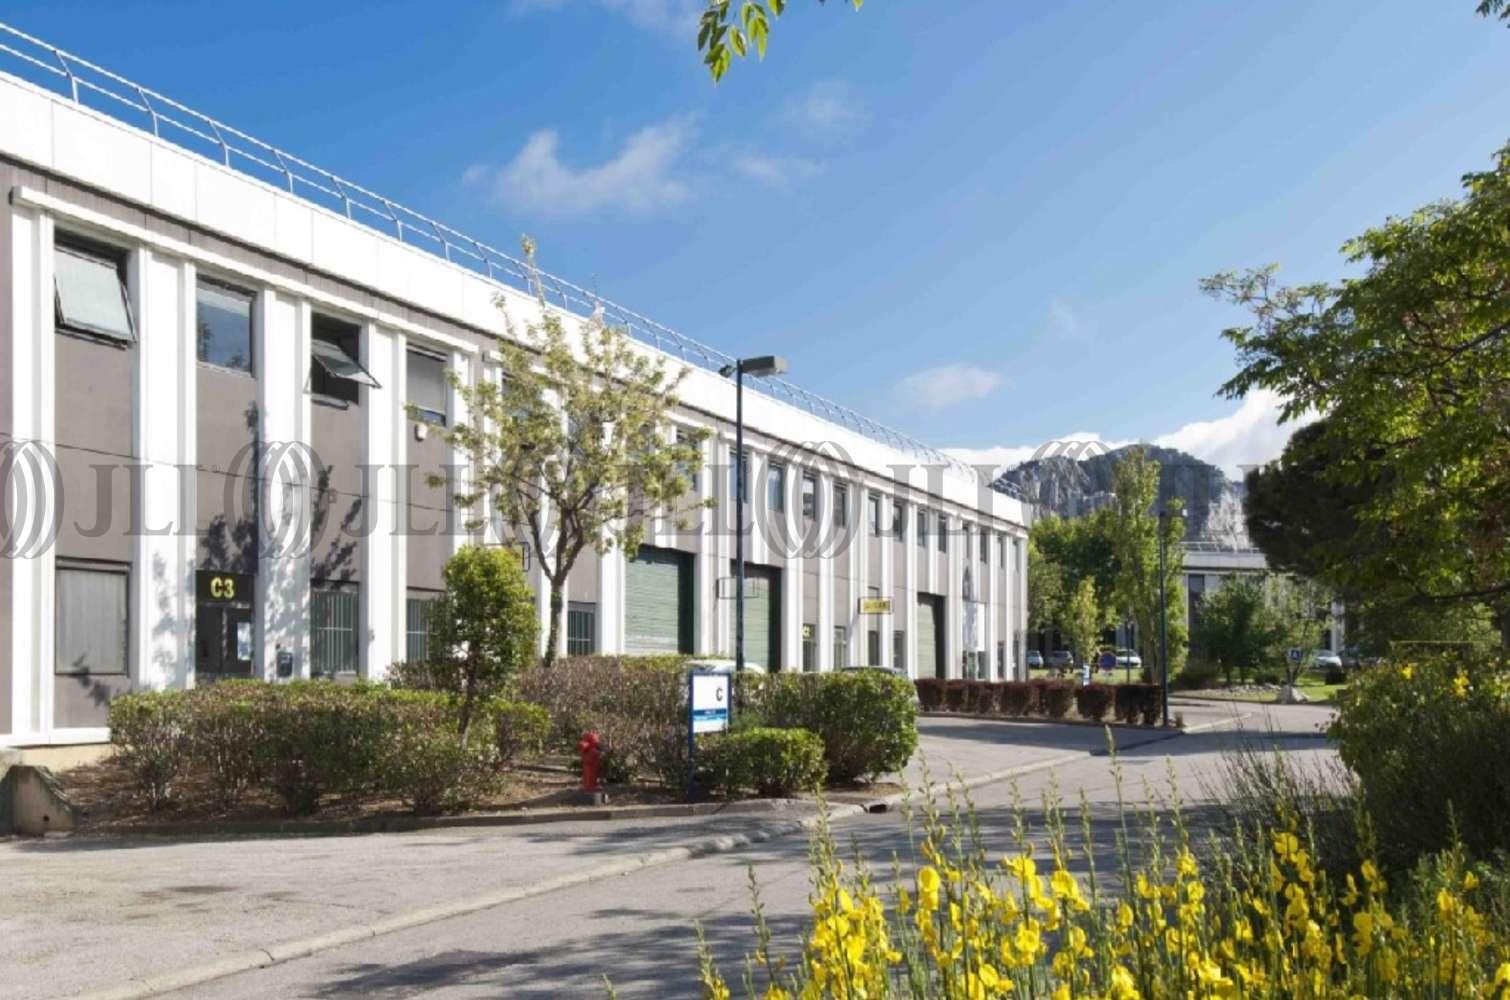 Activités/entrepôt Marseille, 13009 - SWEN PARC MARSEILLE SUD - BAT D2